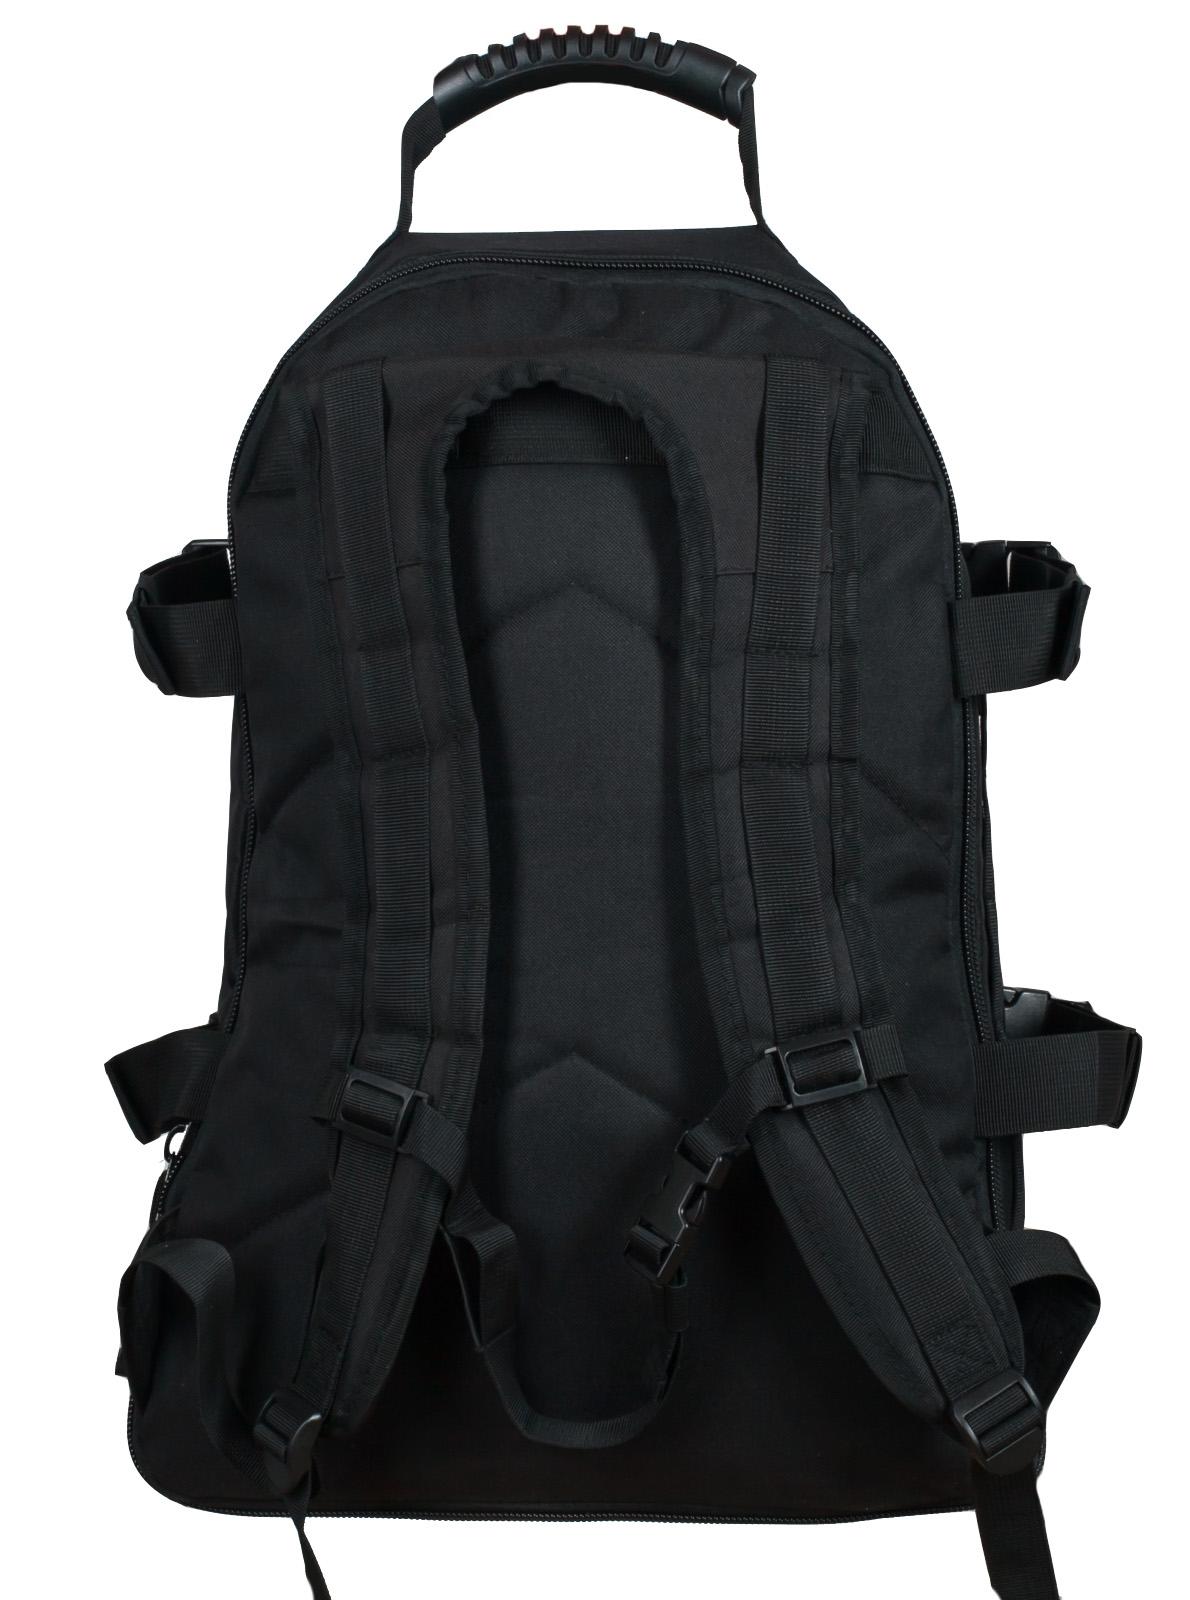 Универсальный надежный рюкзак с нашивкой Лучший Охотник - купить по низкой цене